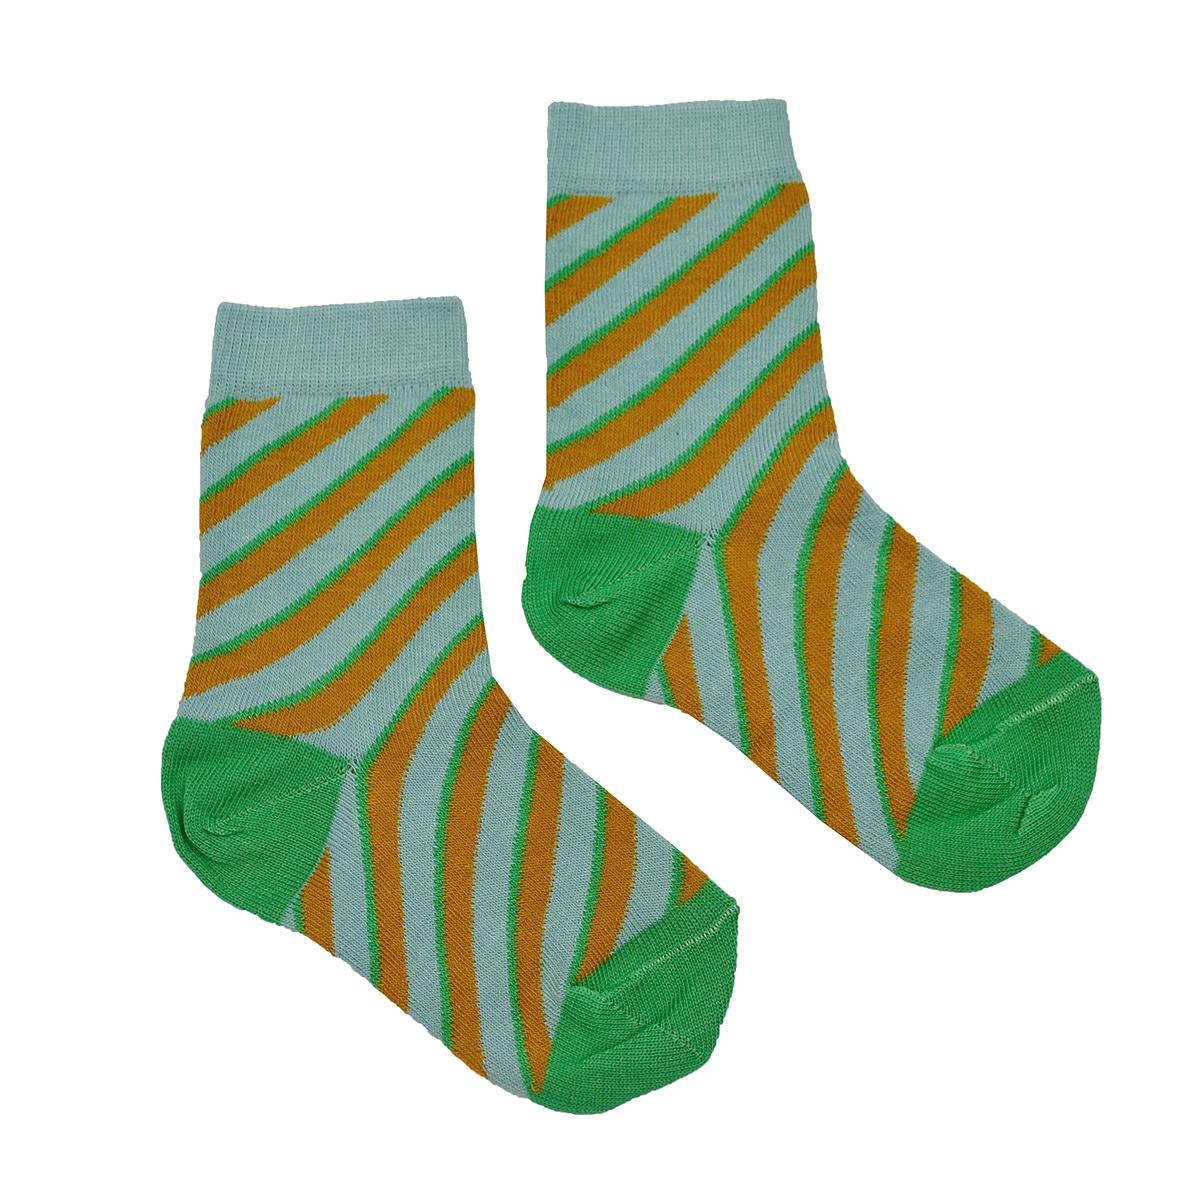 Baba Kidswear Socken Stripes